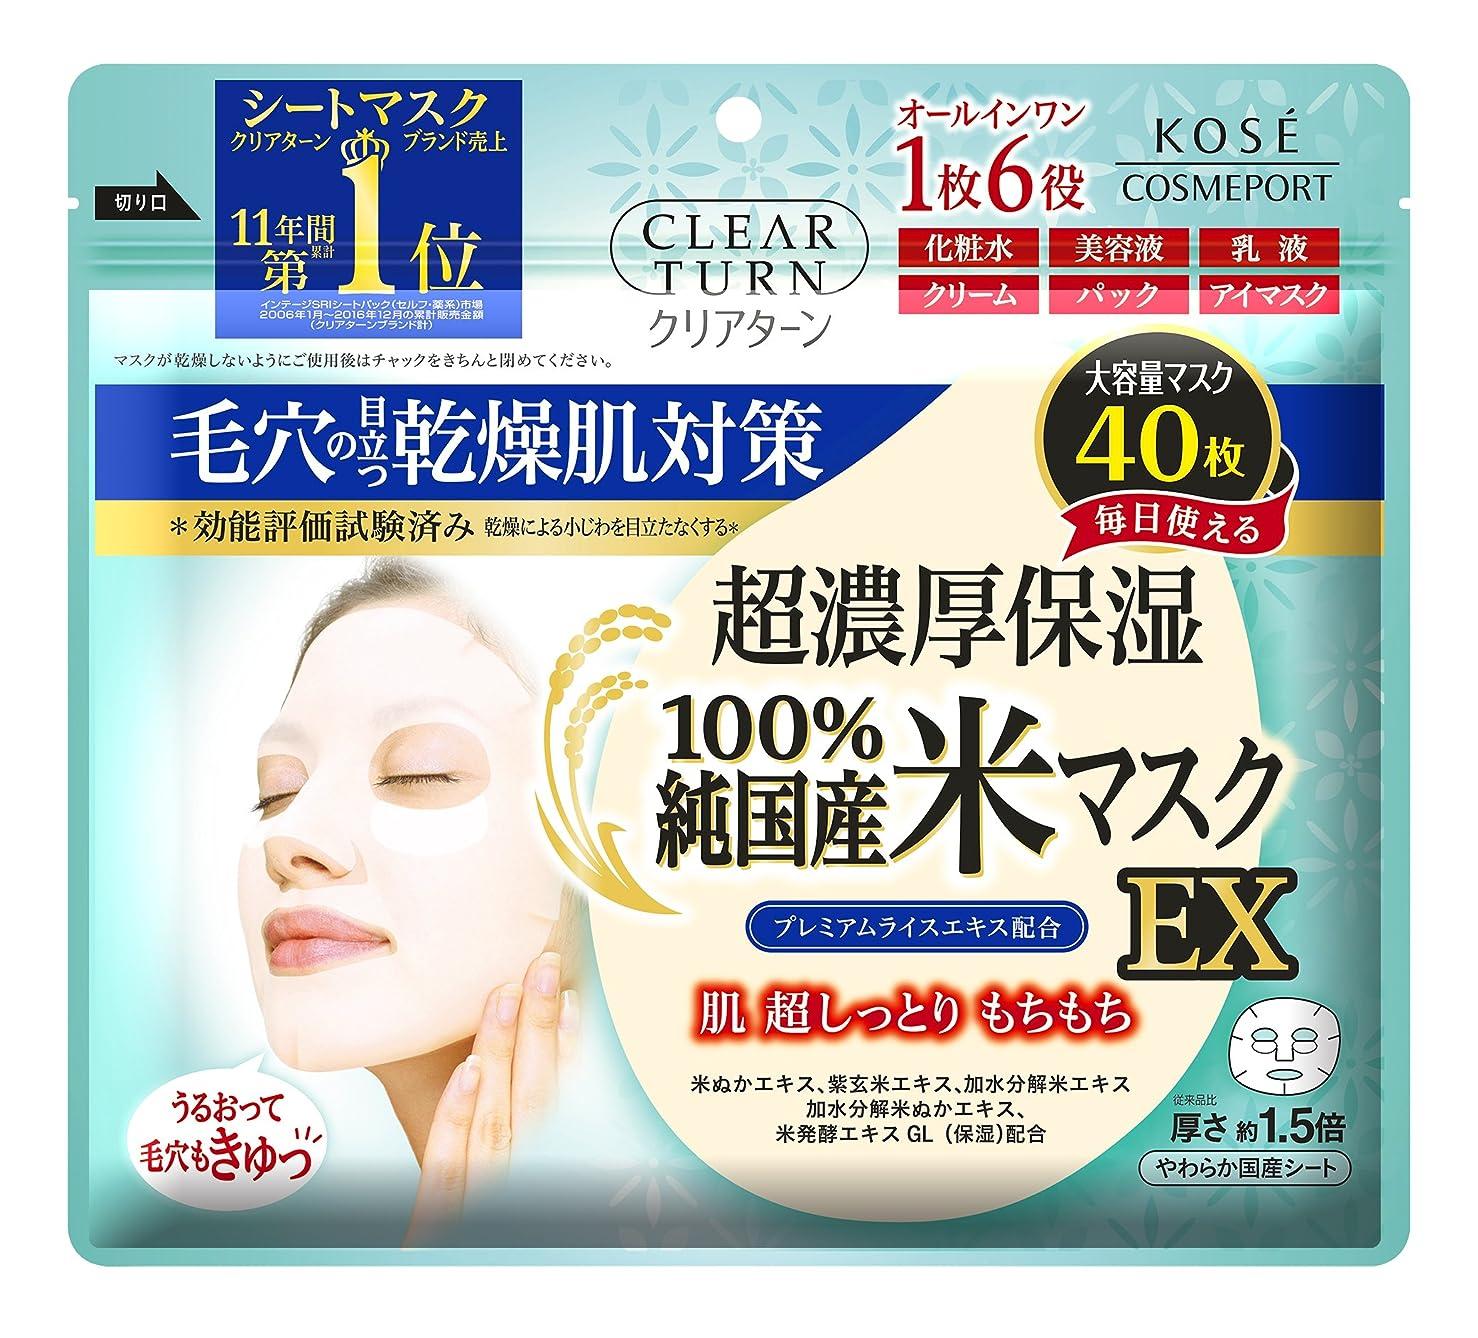 閉塞不規則なディレイKOSE コーセー クリアターン 純国産米 マスク EX 40枚 フェイスマスク